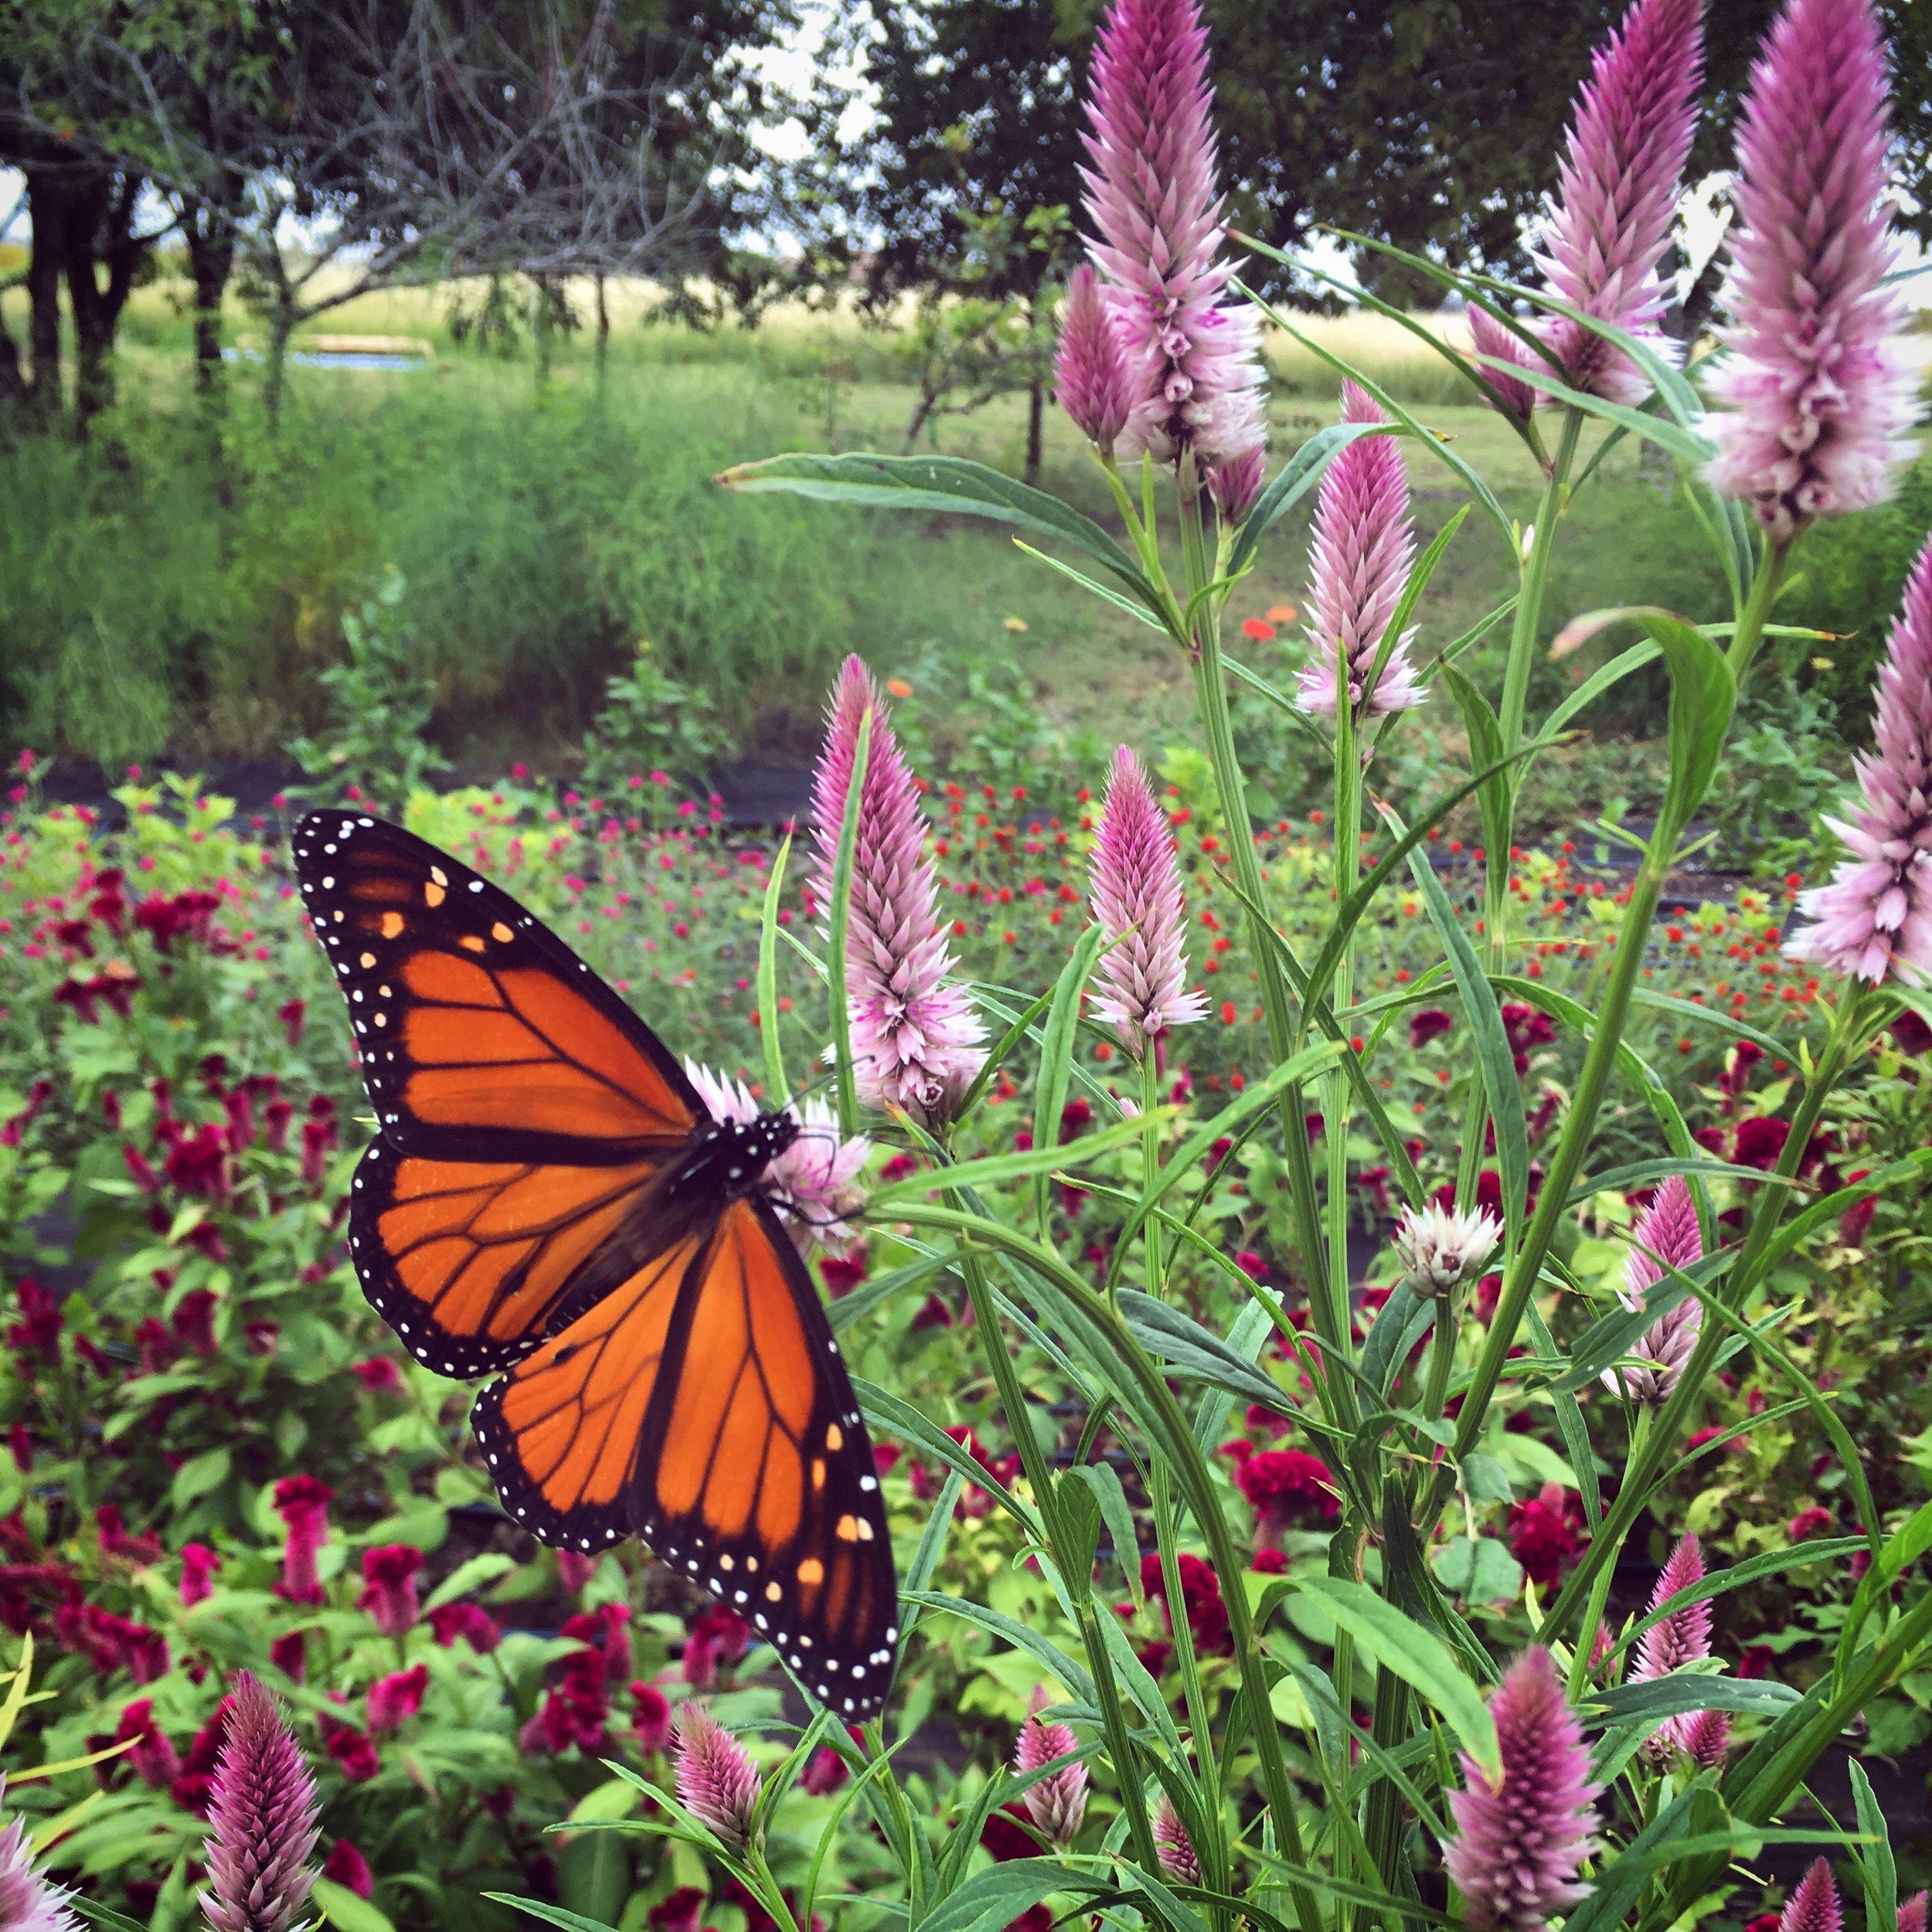 Monarch on celosia